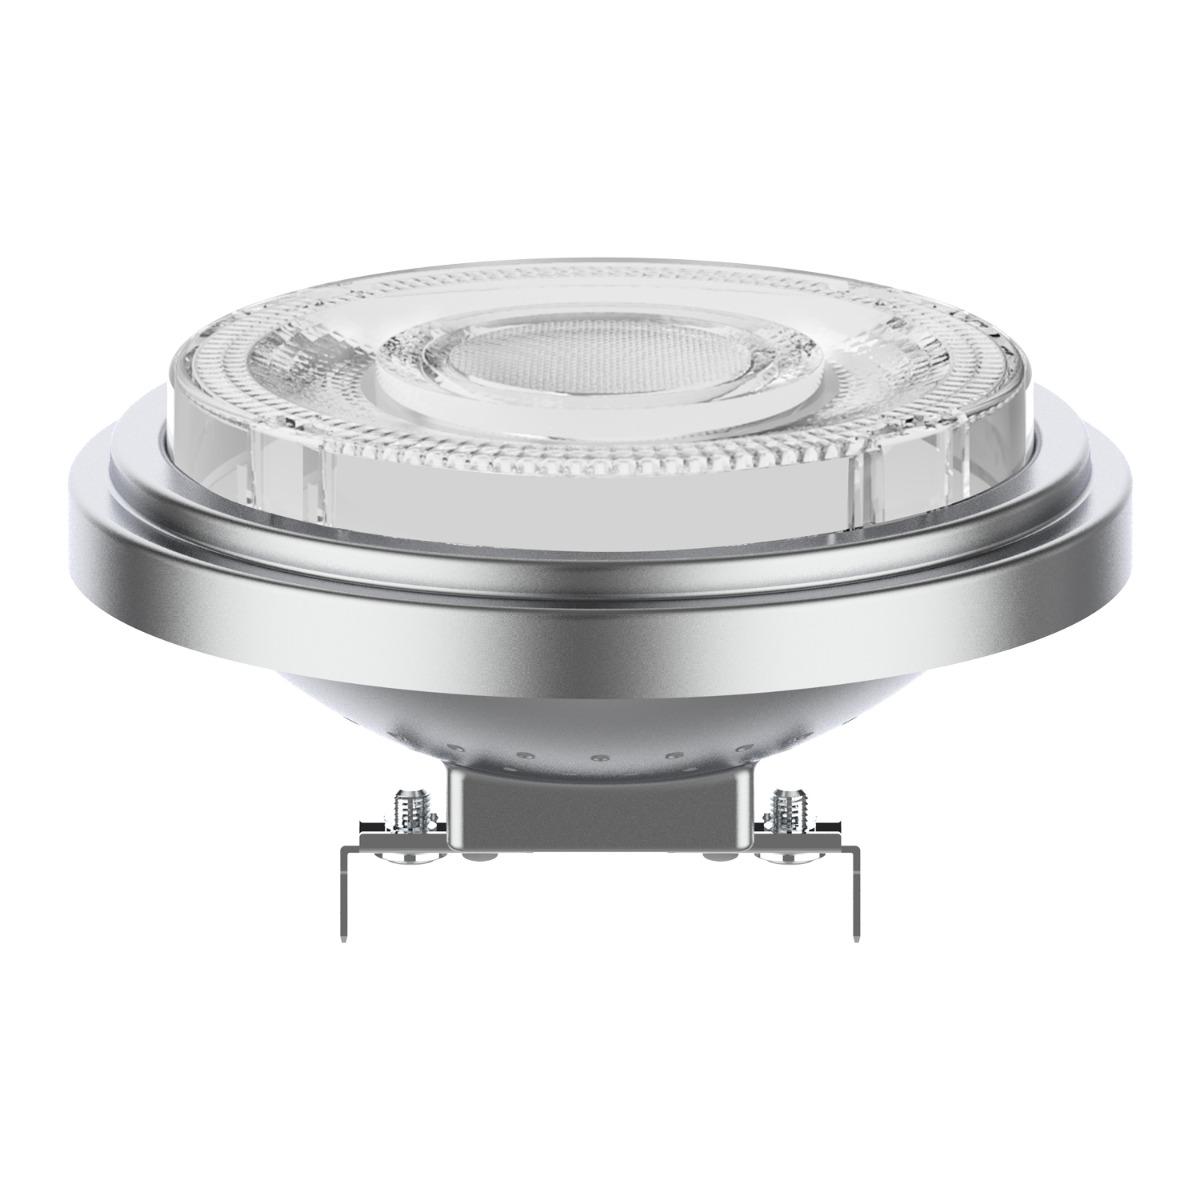 Noxion Lucent LED Spot AR111 G53 12V 11.5W 930 24D | Dimbaar - Beste Kleurweergave - Vervangt 75W